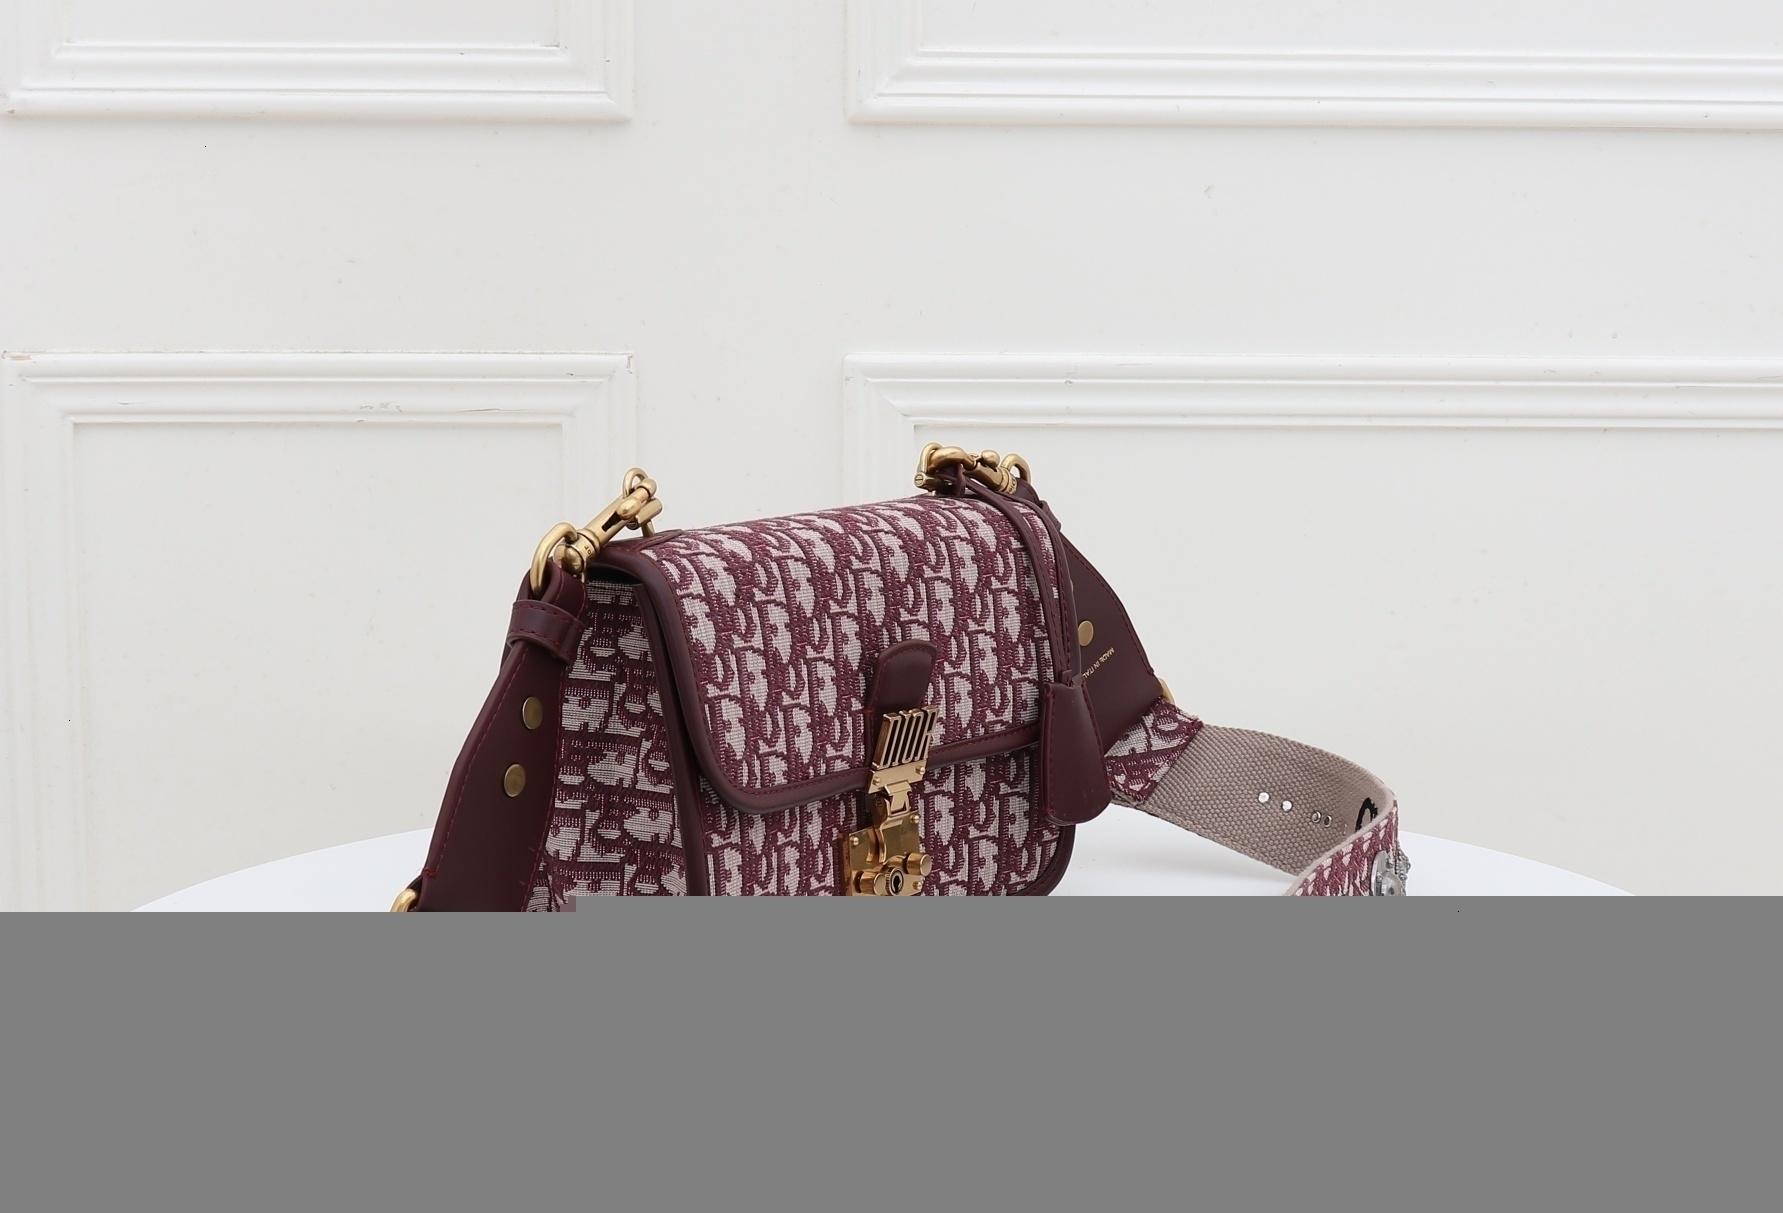 lancé récemment la promotion de sacs à main Hip-Hop style preppy Accessoires personnalité vogue sacs sac à bandoulière banquet des femmes de femmes